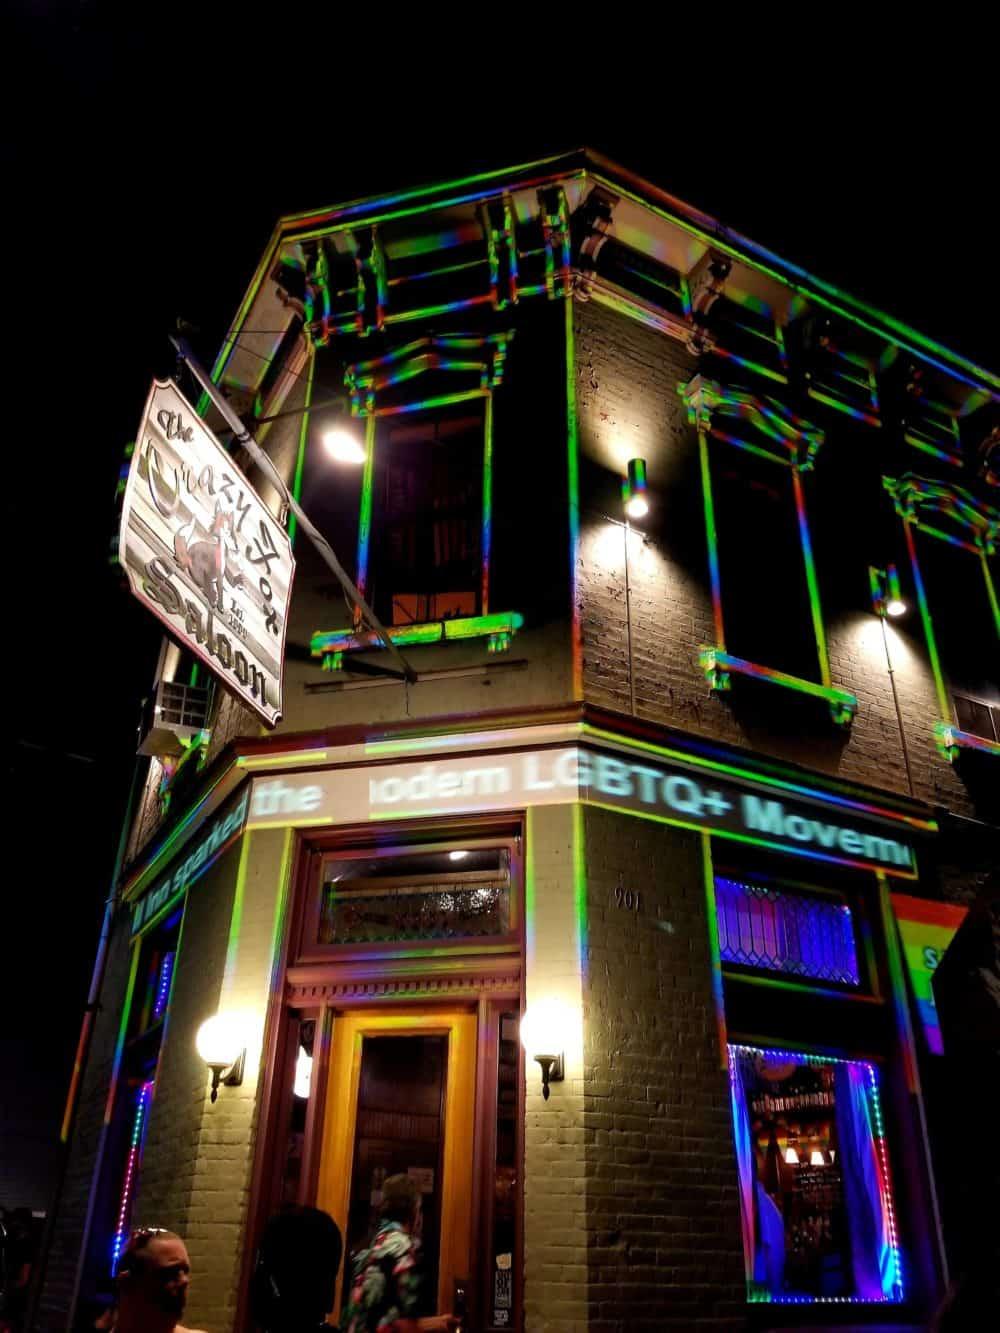 Γκέι μπαρ στο Σινσινάτι